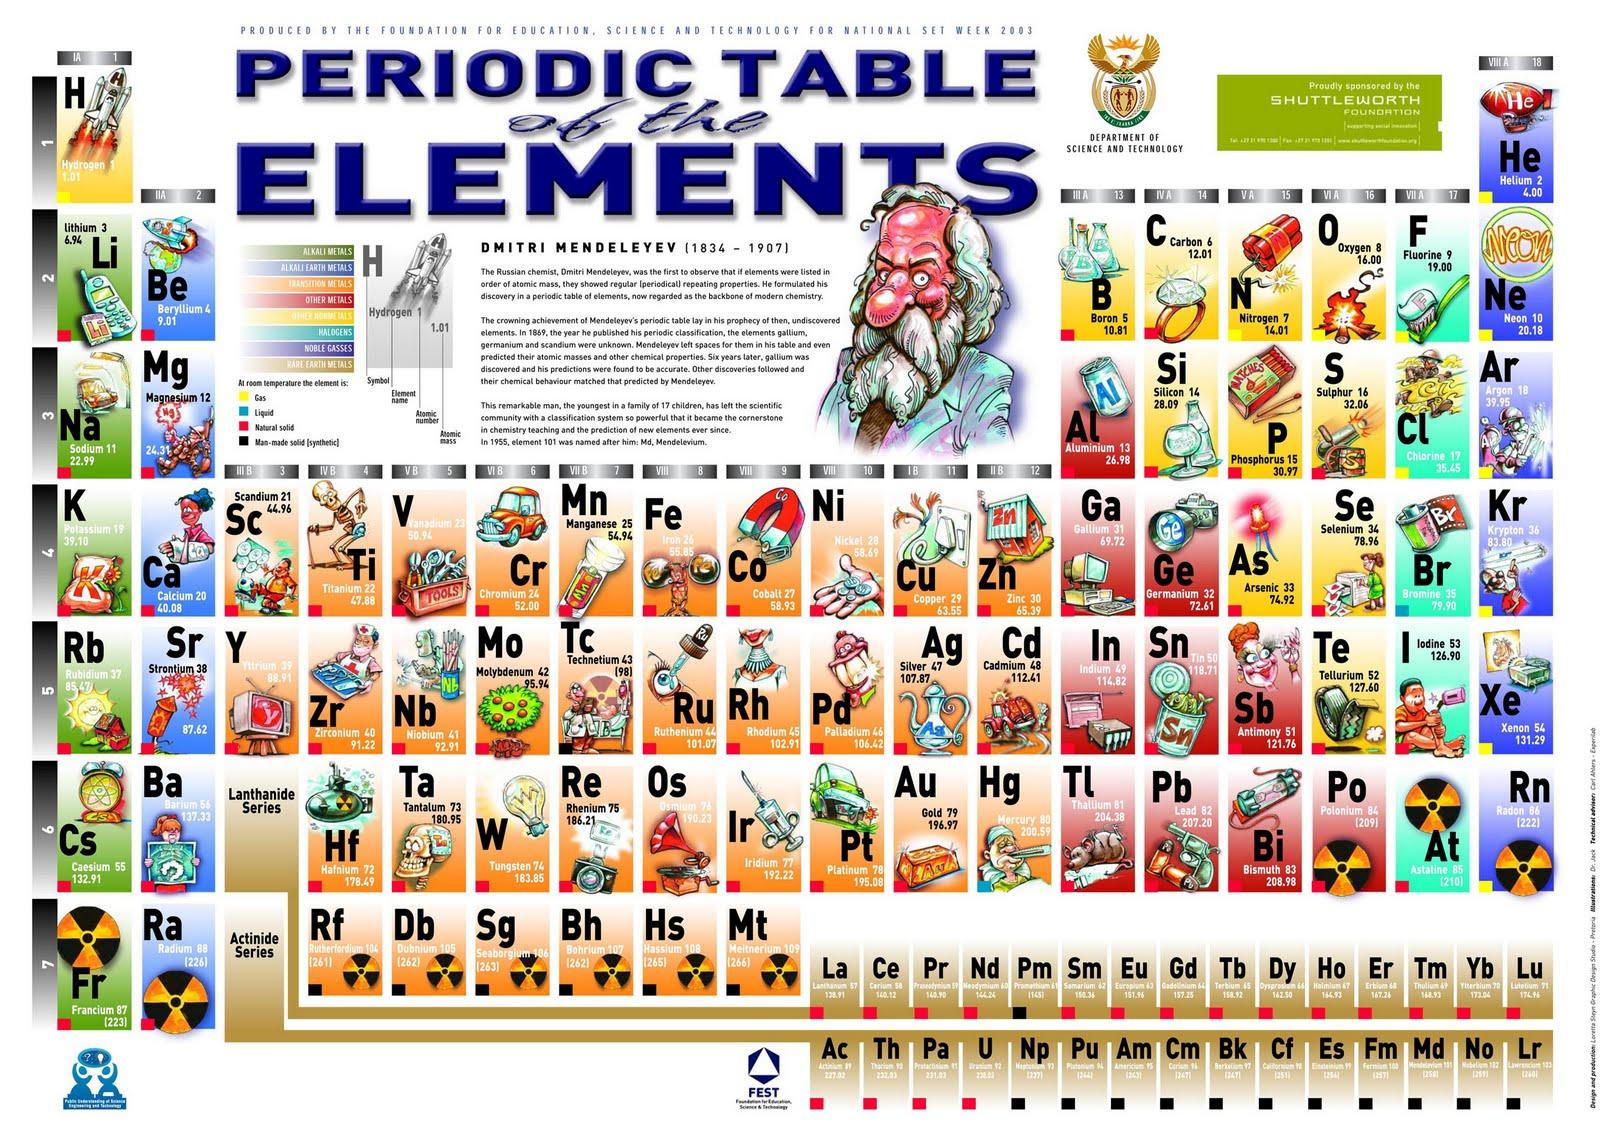 como leer la tabla peridica de los elementos ciencia y educacin taringa - Tabla Periodica De Los Elementos Para Que Sirve